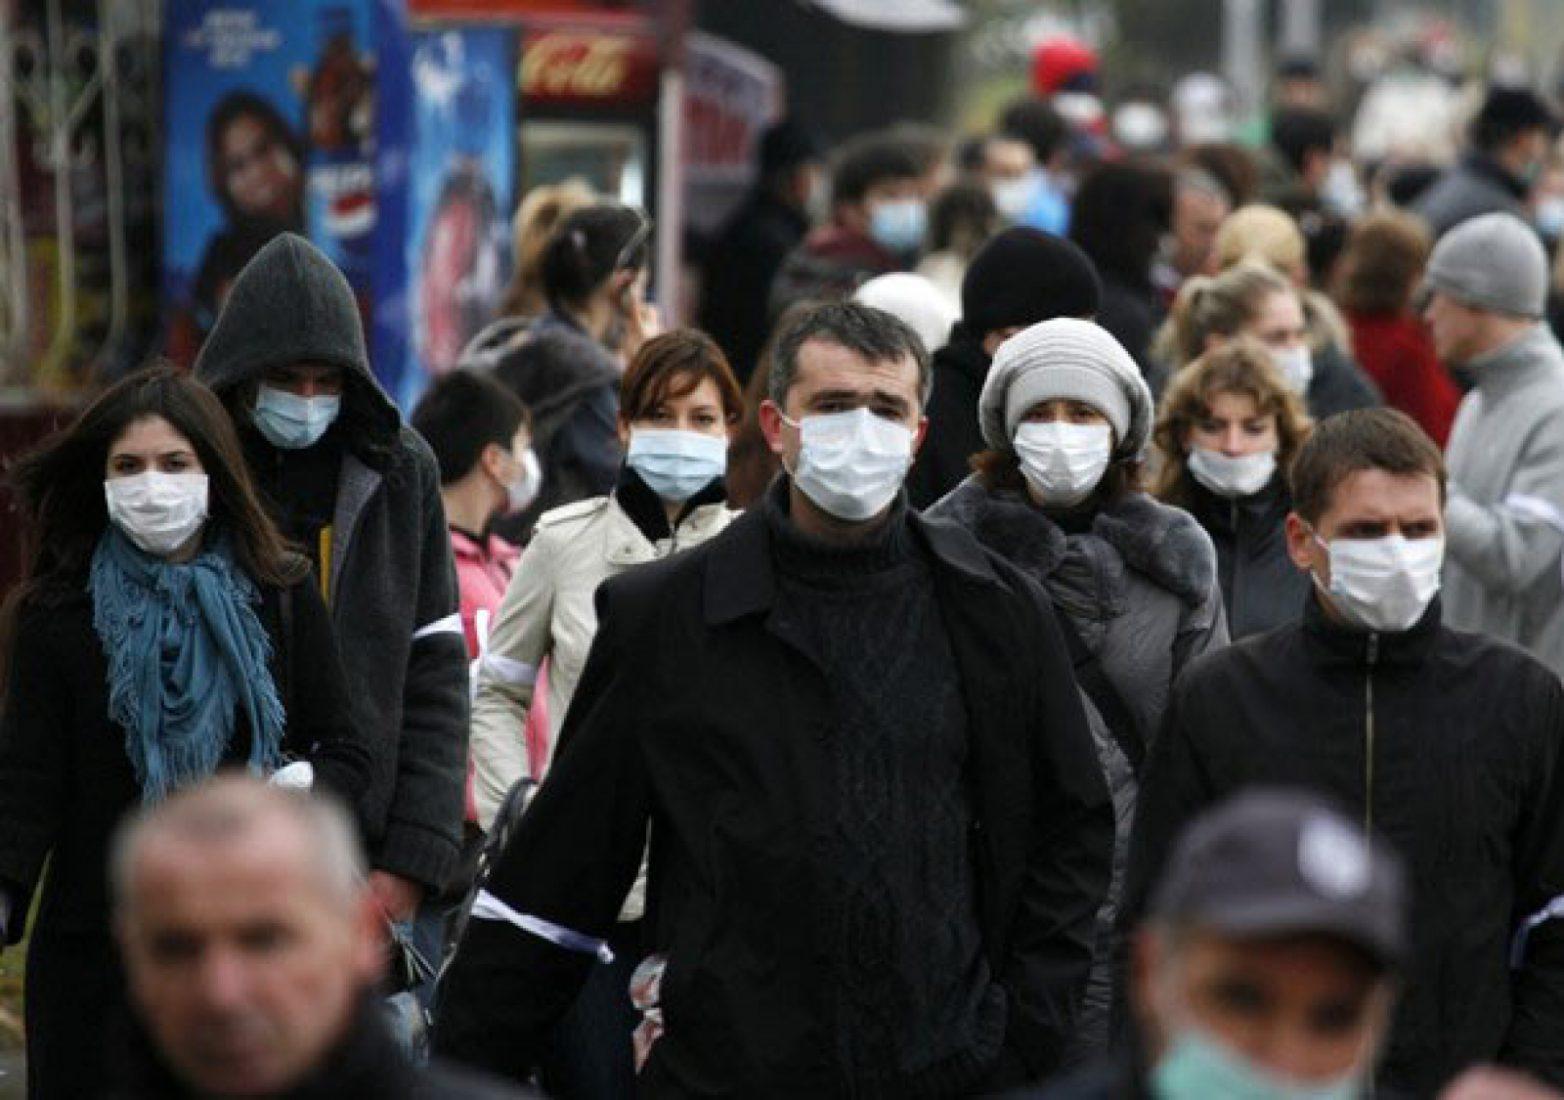 Ситуация с коронавирусом в России: регионы начали ужесточать карантинные меры, глава Минздрава заявил о росте тяжелых форм COVID-19 среди молодежи